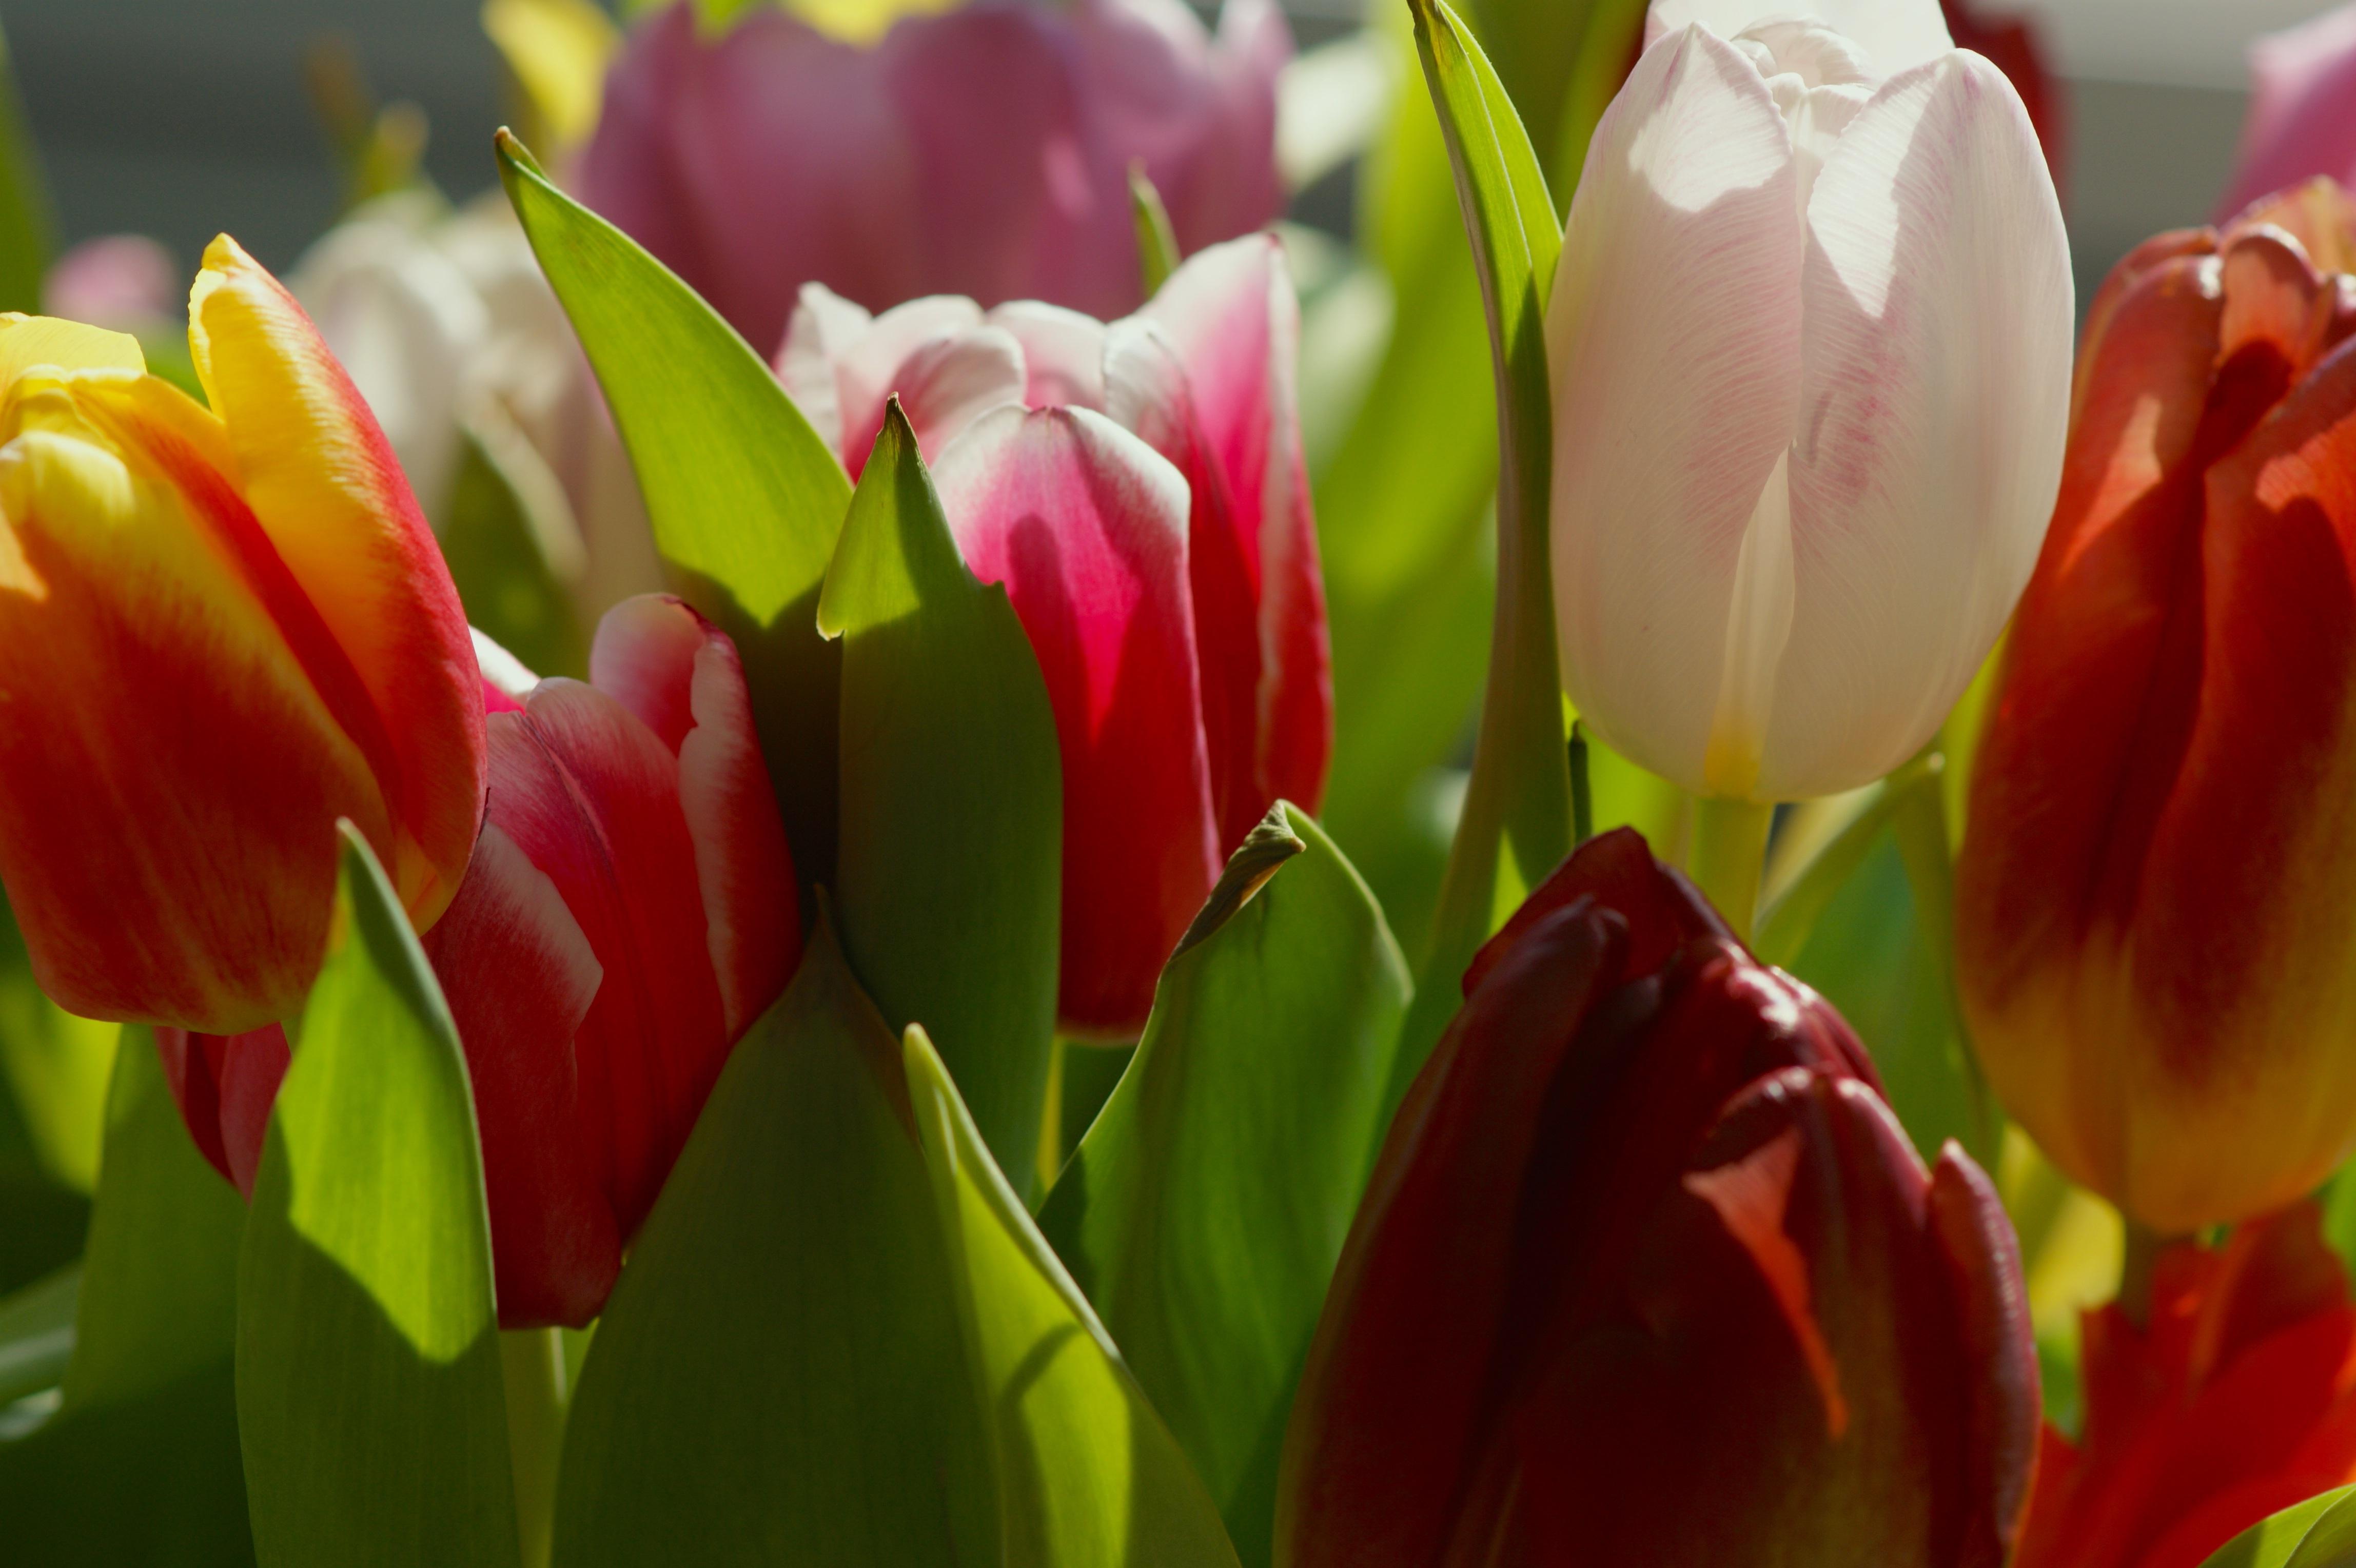 буксировать спасенное красивые тюльпаны очень фото частицы мощей убиенных